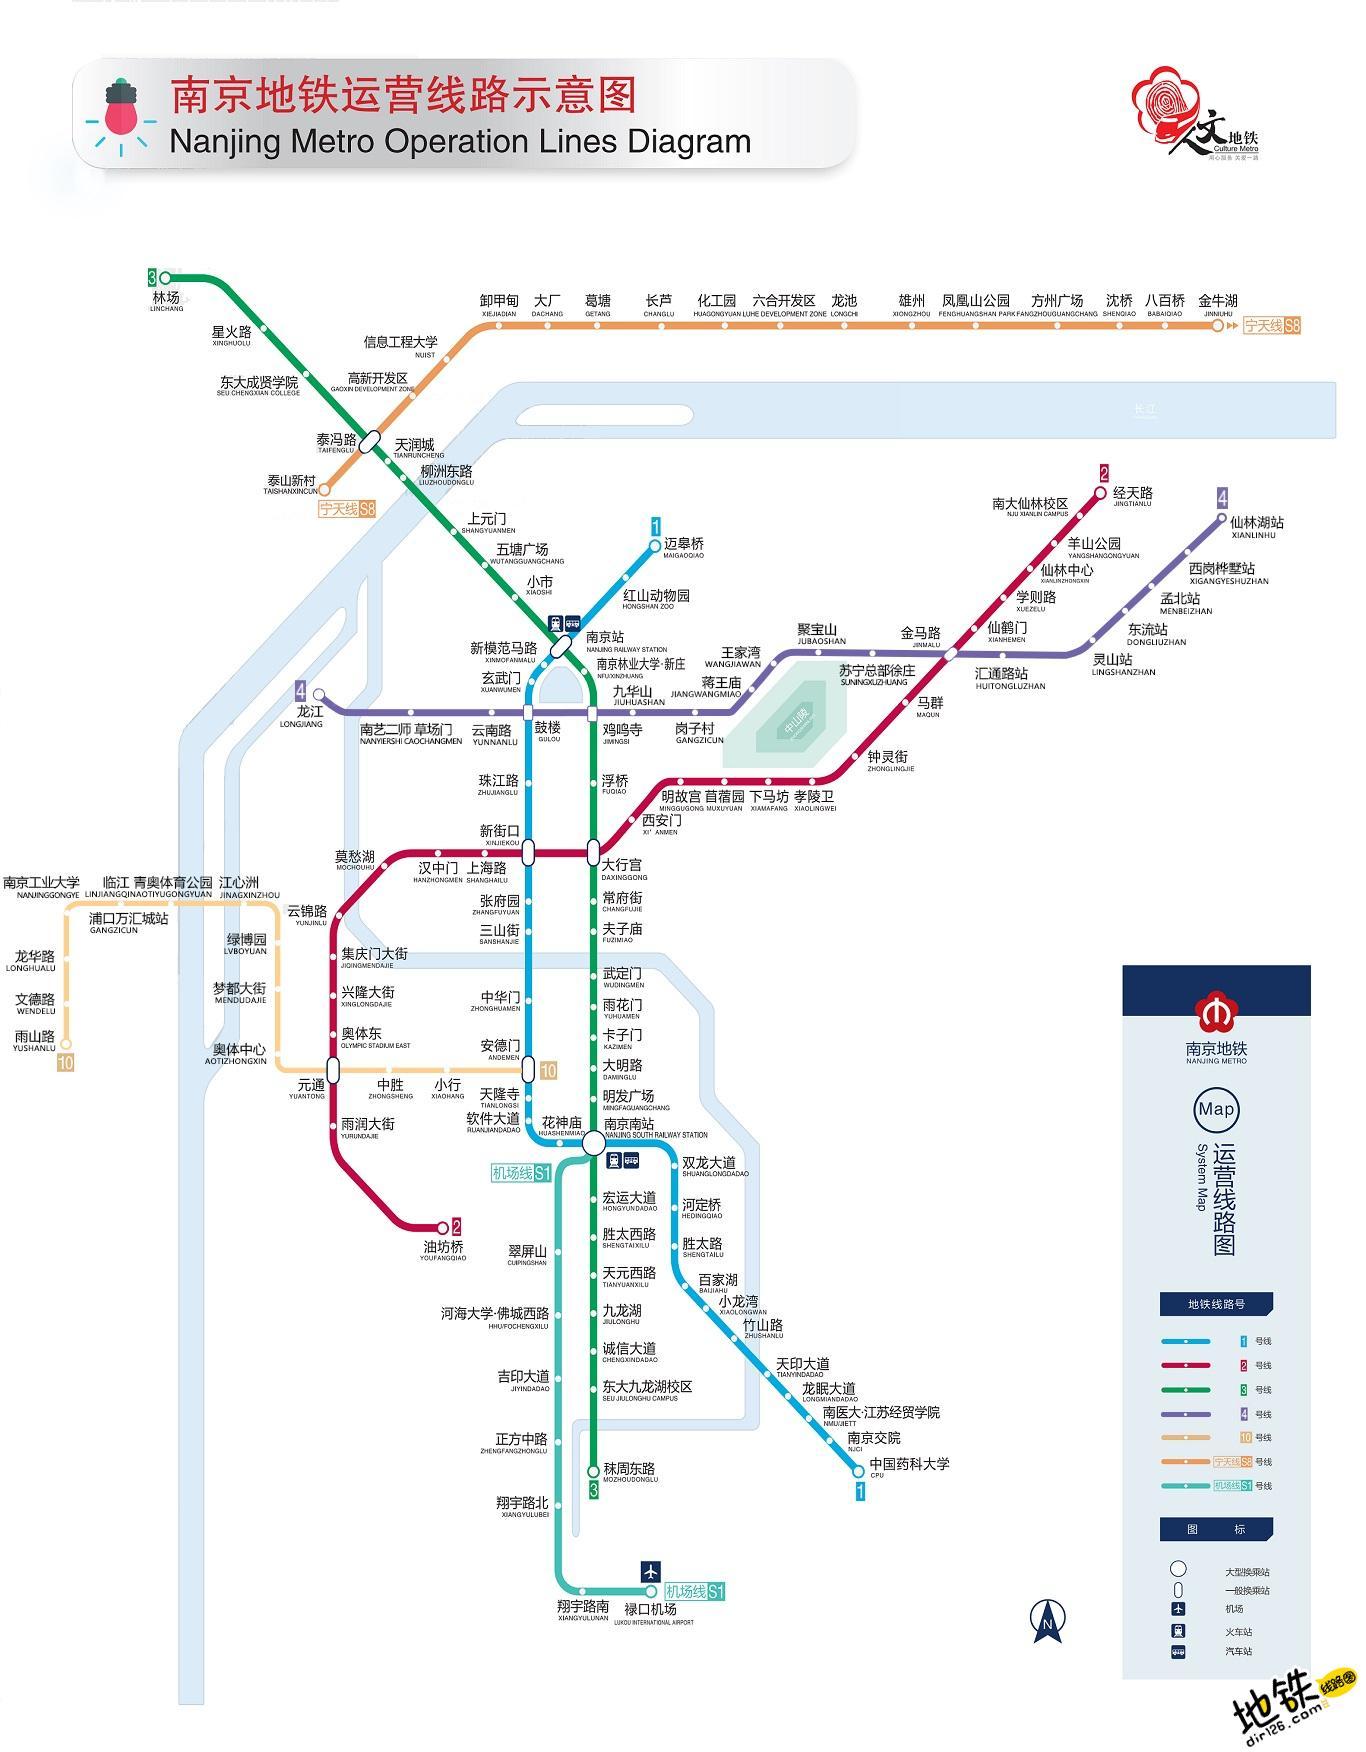 南京地铁线路图_运营时间票价站点_查询下载 南京地铁线路图